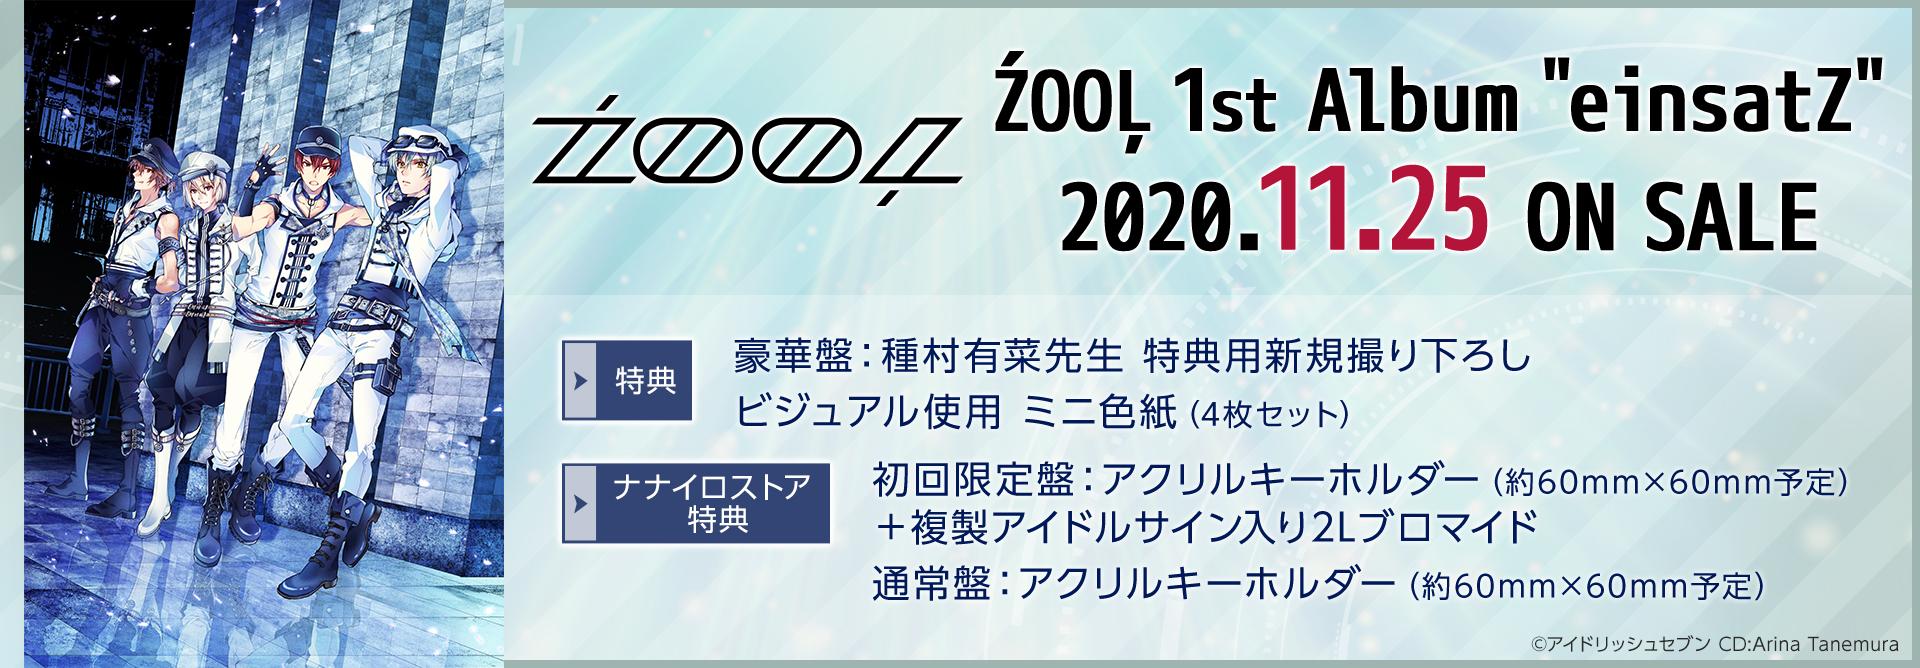 アイドリッシュセブン ZOOL 1st Album